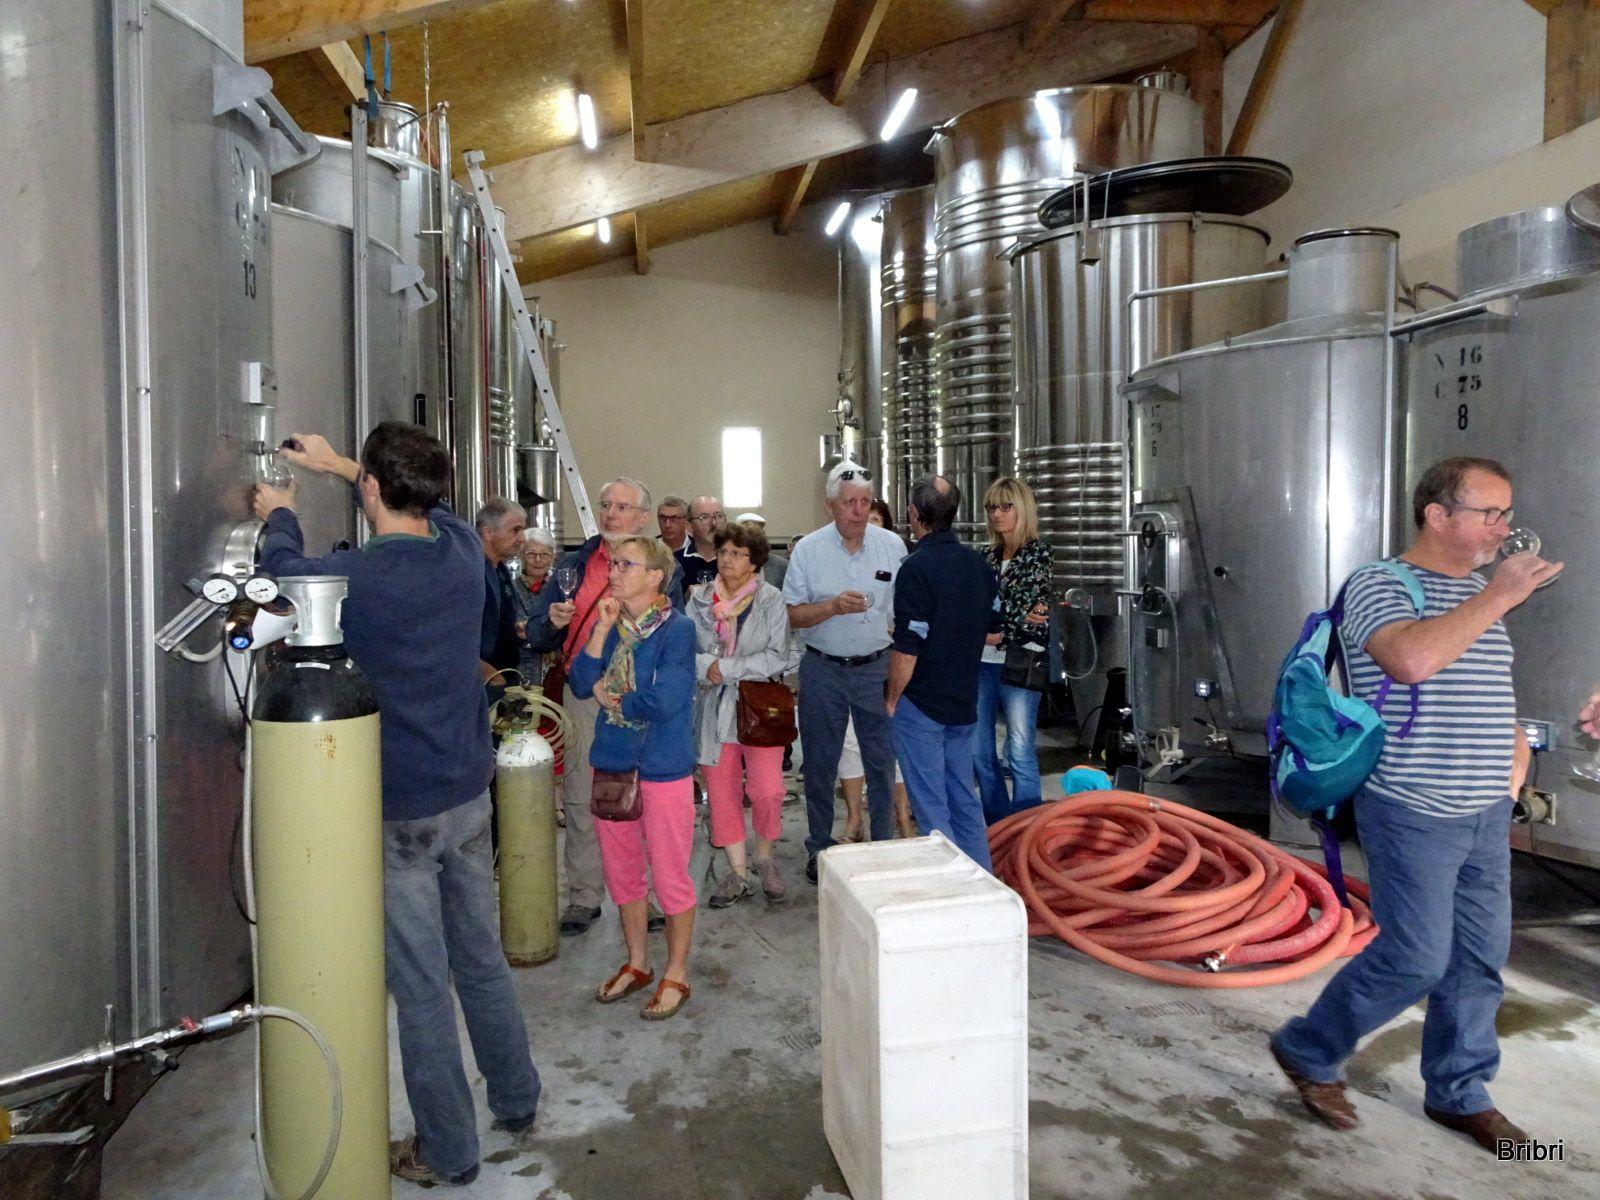 Visite avec dégustation des vins en fermentation puis passage à la cave pour une nouvelle dégustation et faire quelques achats. Ici pas de déception. Ensuite nous allons faire le marché provençal et achetons des fruits pour le dessert.